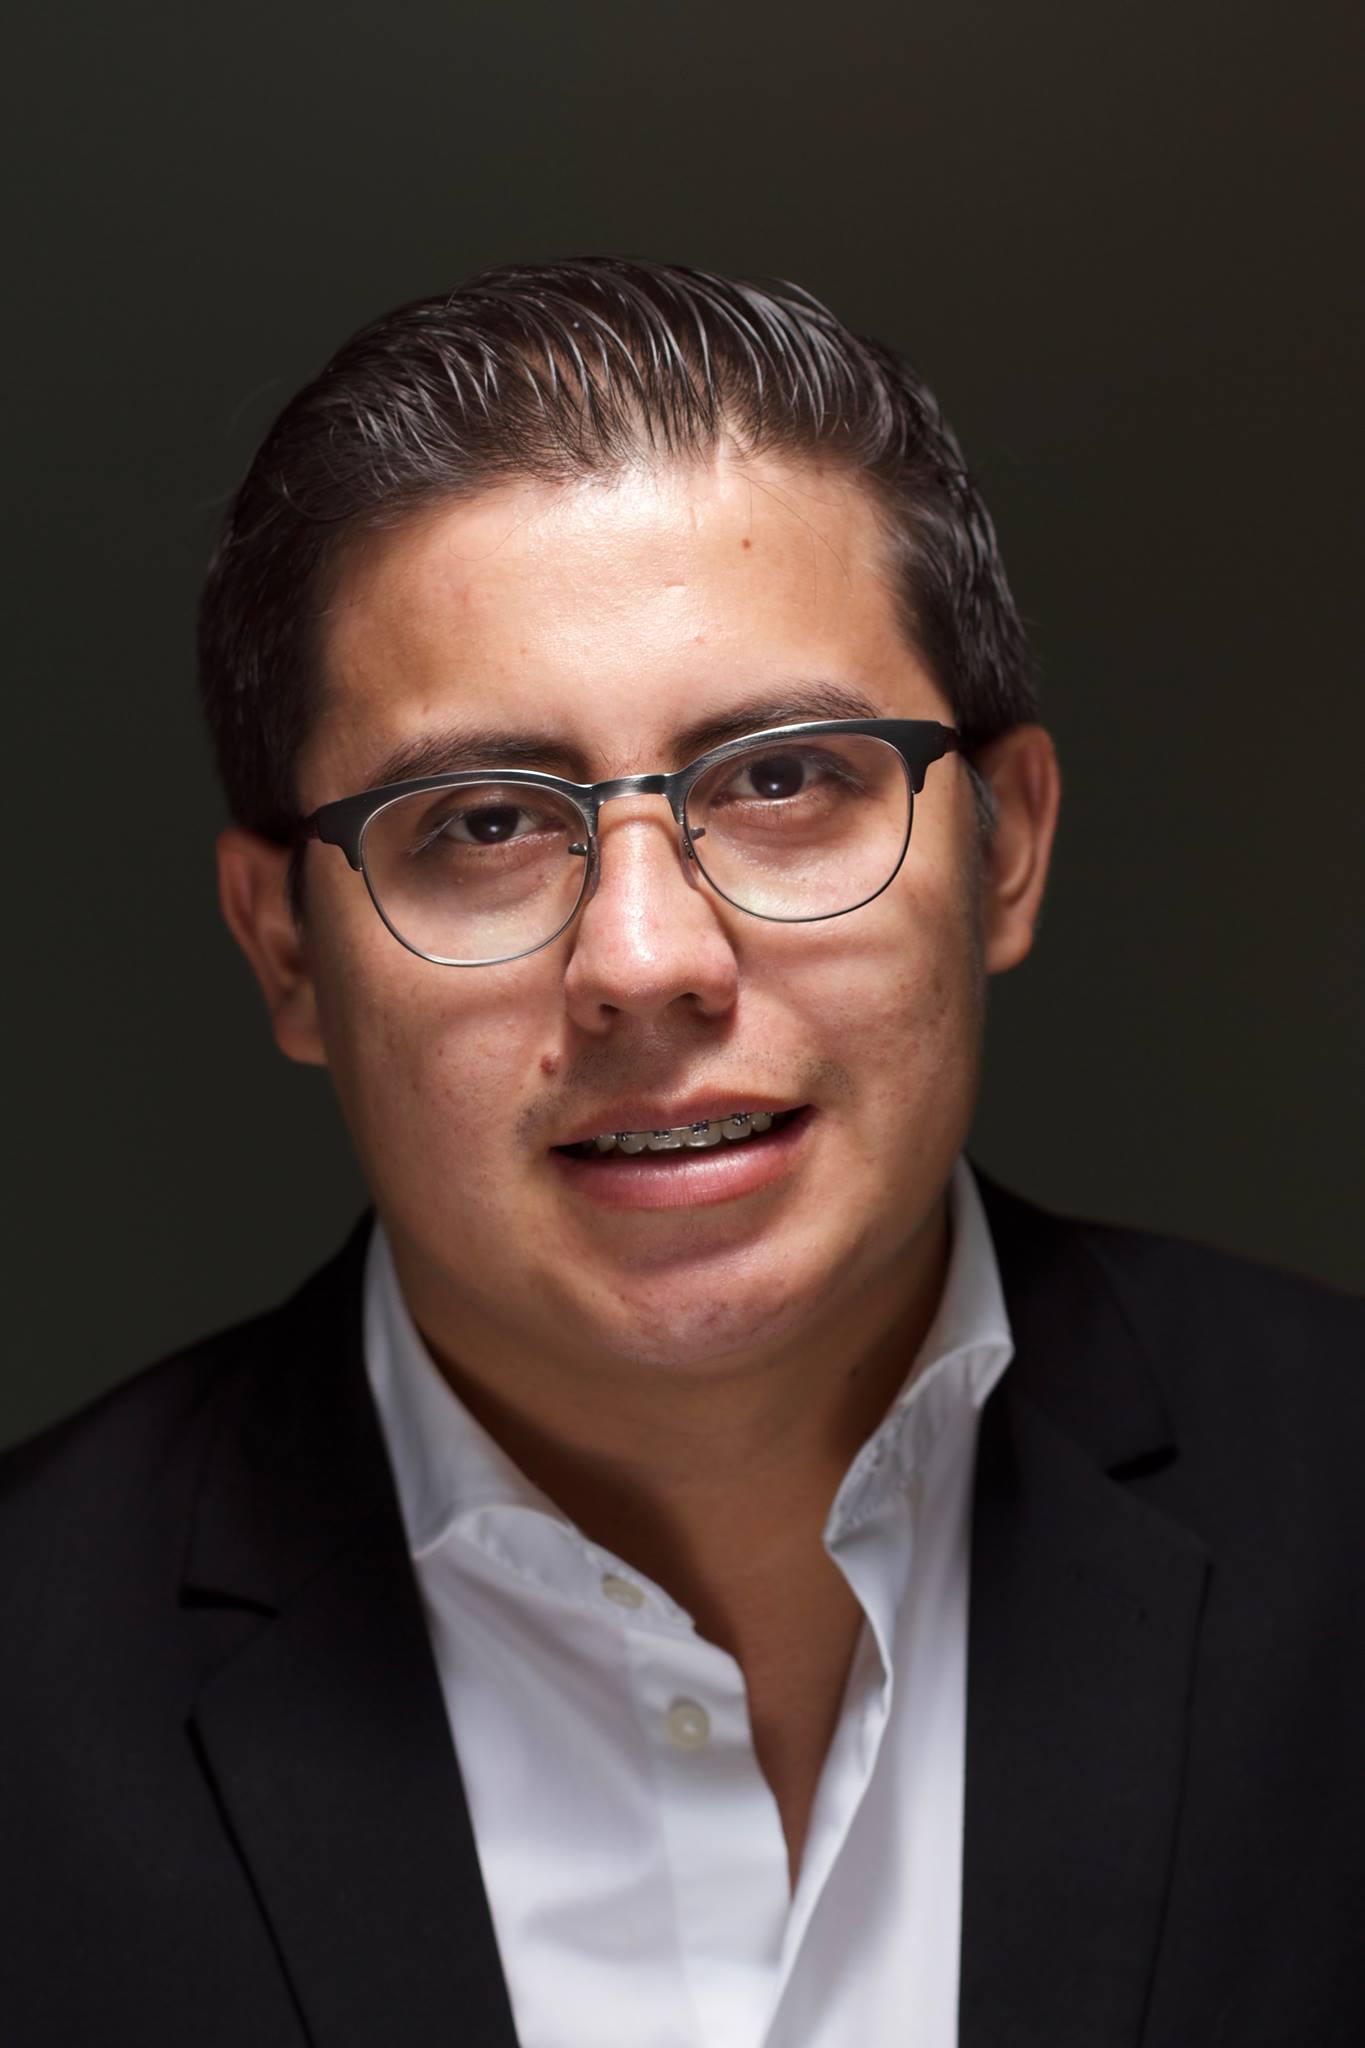 ¿Es posible gobernar por Twitter?: análisis del Director Ejecutivo de Santa Cruz Económico